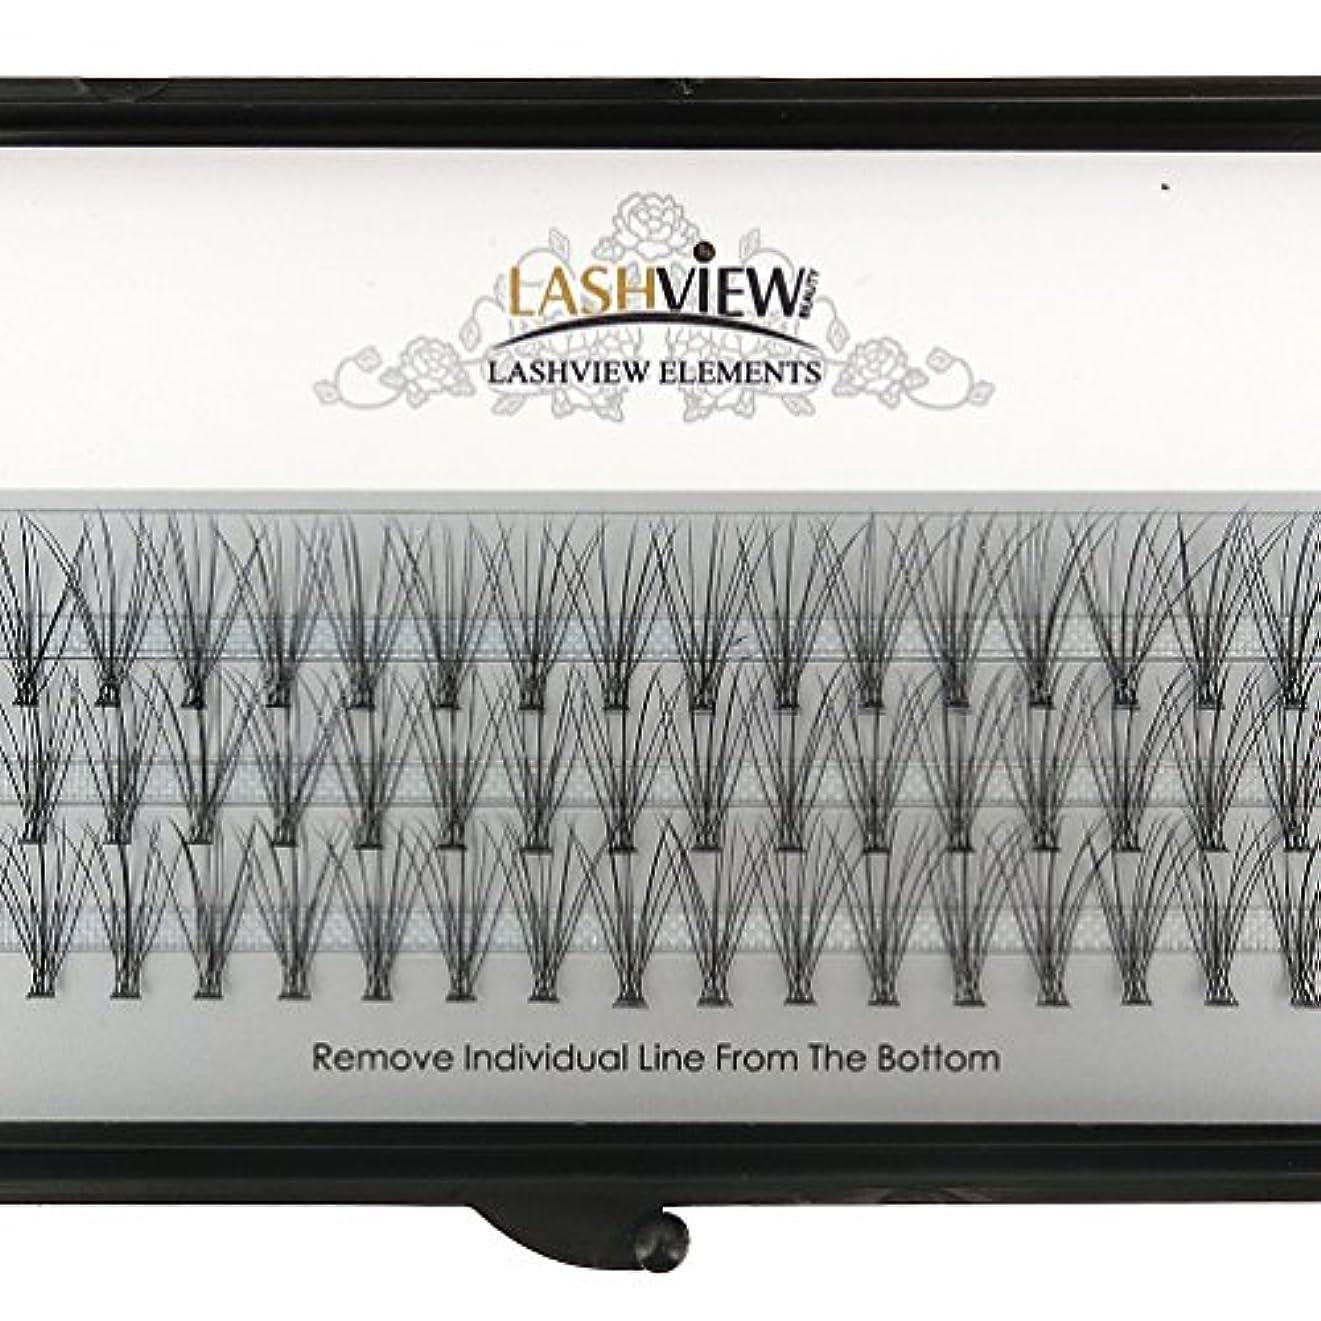 効率ペルソナブラザーLASHVIEW 高品質まつげエクステフレア セルフ用 超極細素材 太さ0.07mm 12mm Cカール マツエク10本束